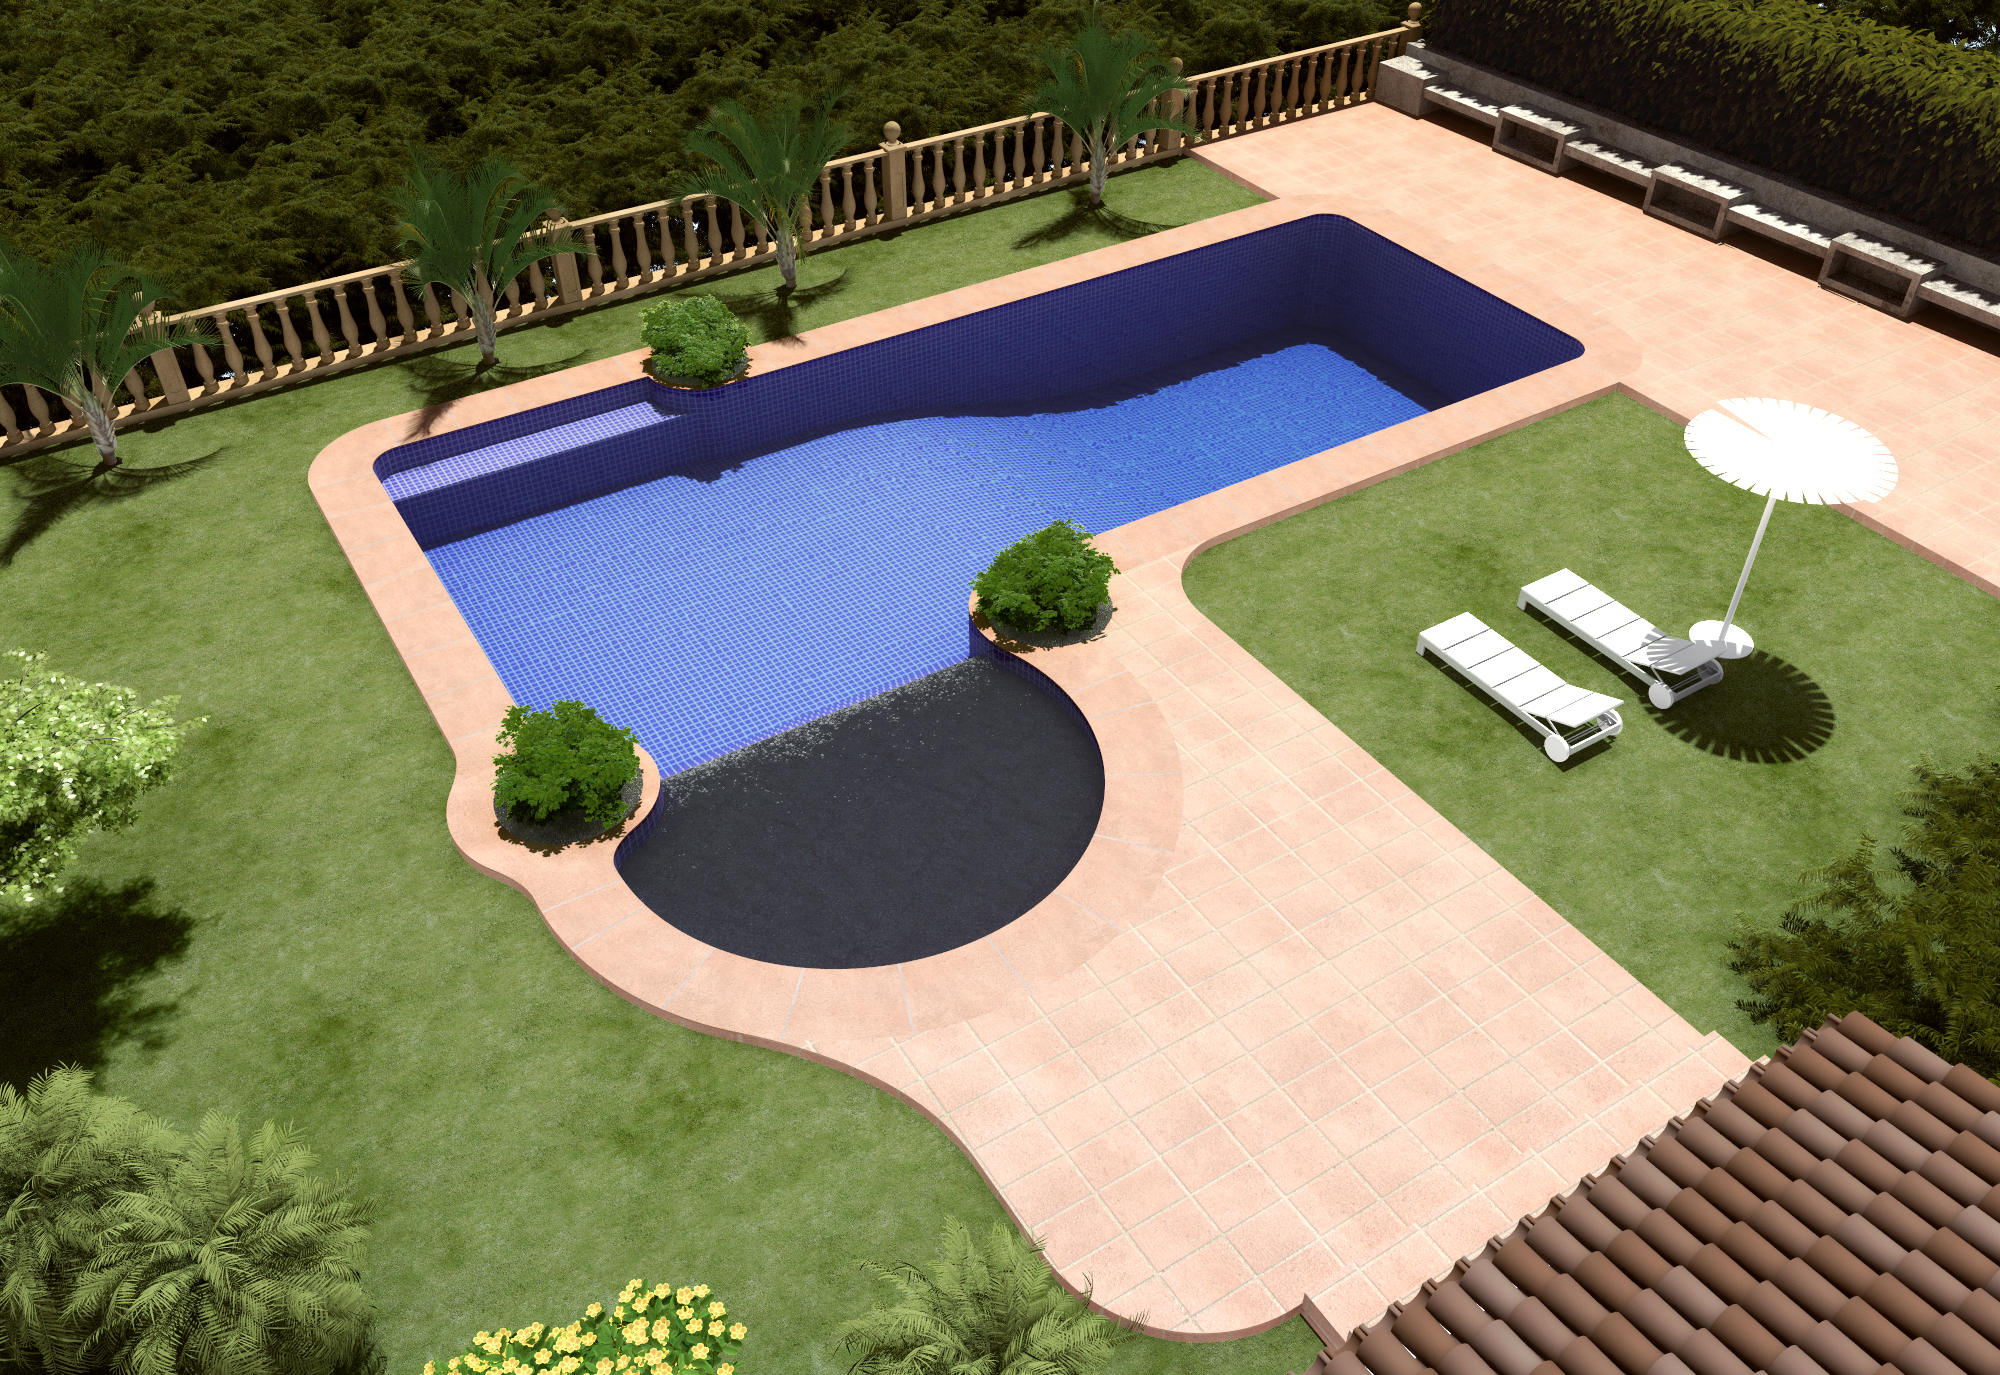 Piscinas gunitec piscina 02 trest vere blog infografia 3d for Planos de piscinas semiolimpicas